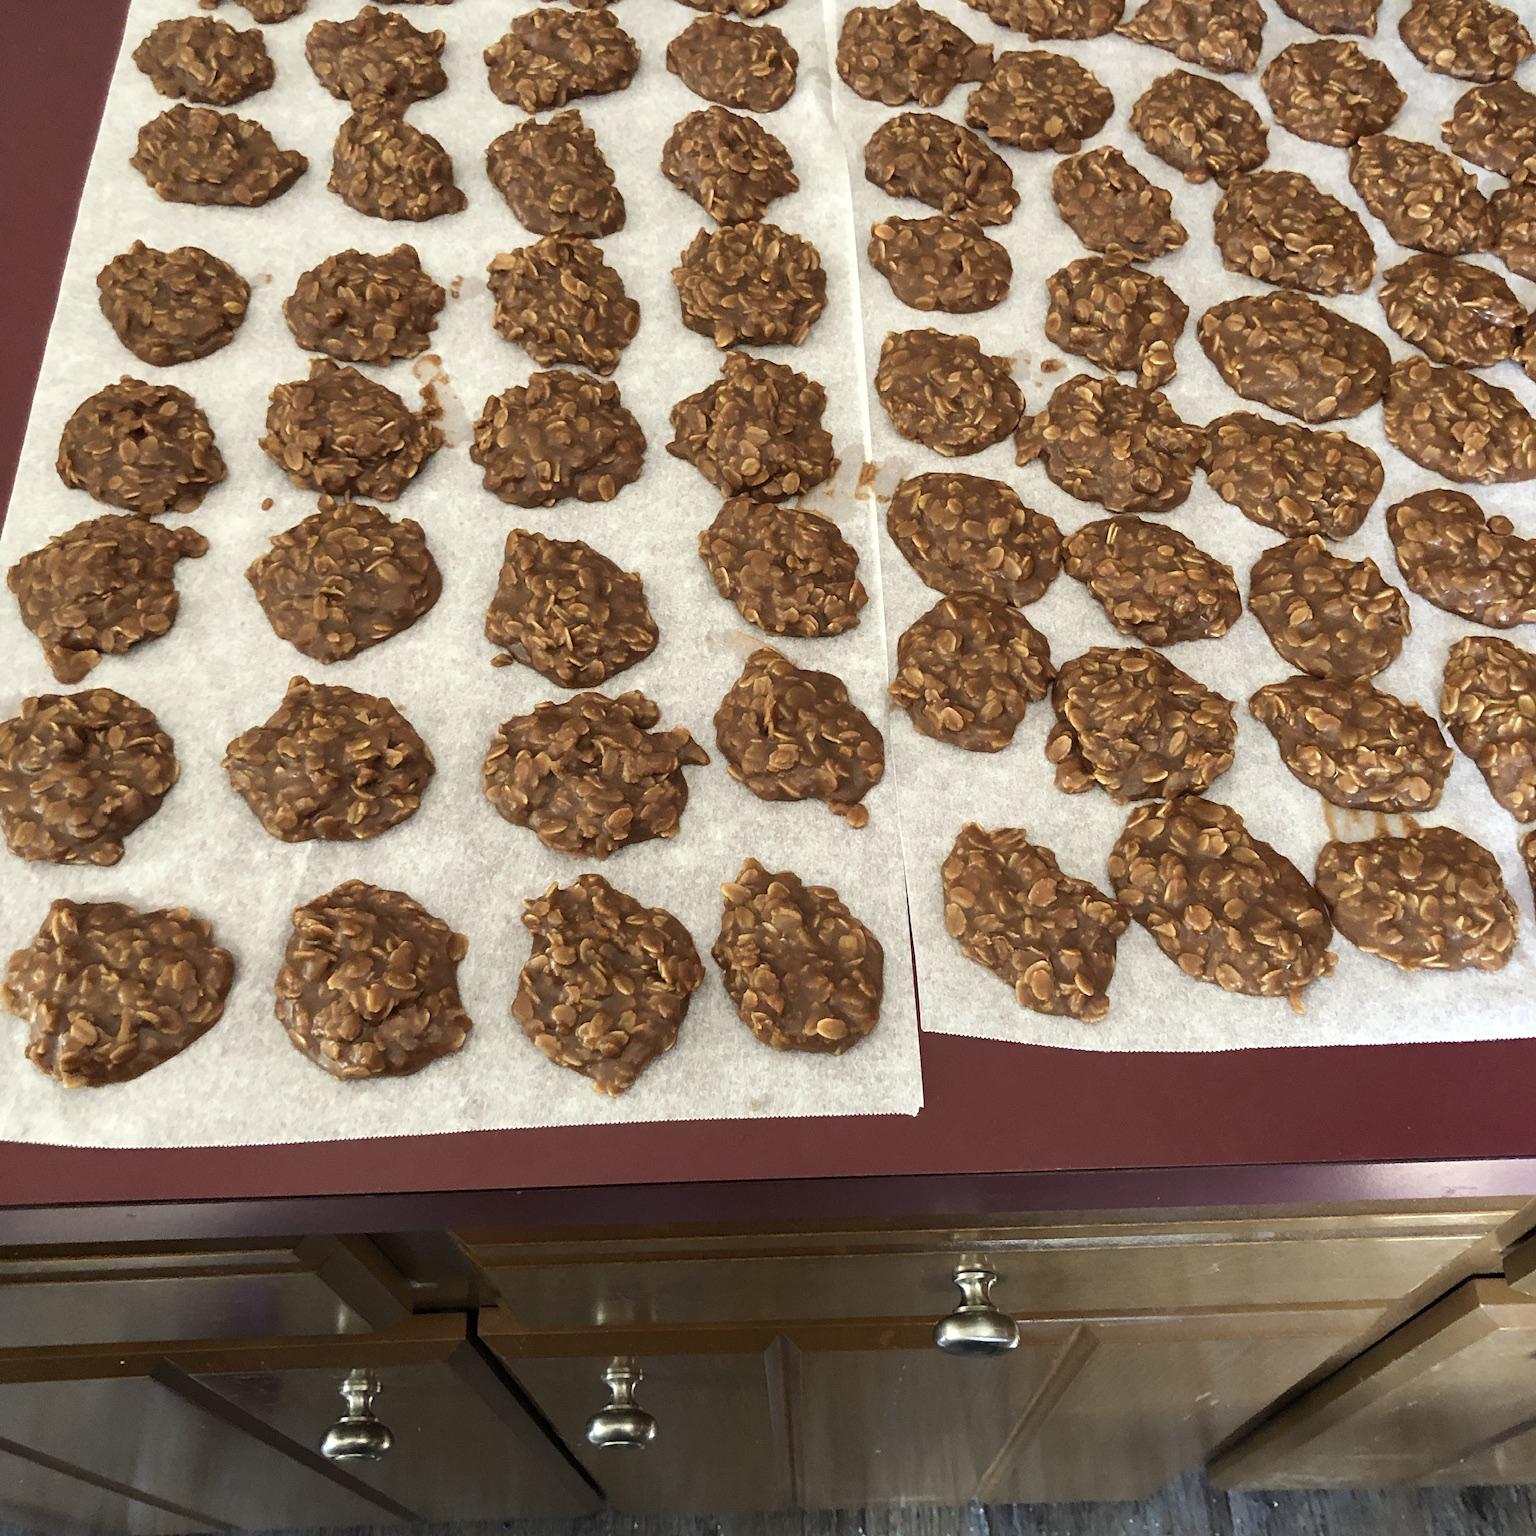 Super-Moist No-Bake Chocolate and Oatmeal Cookies Noel King Stewart